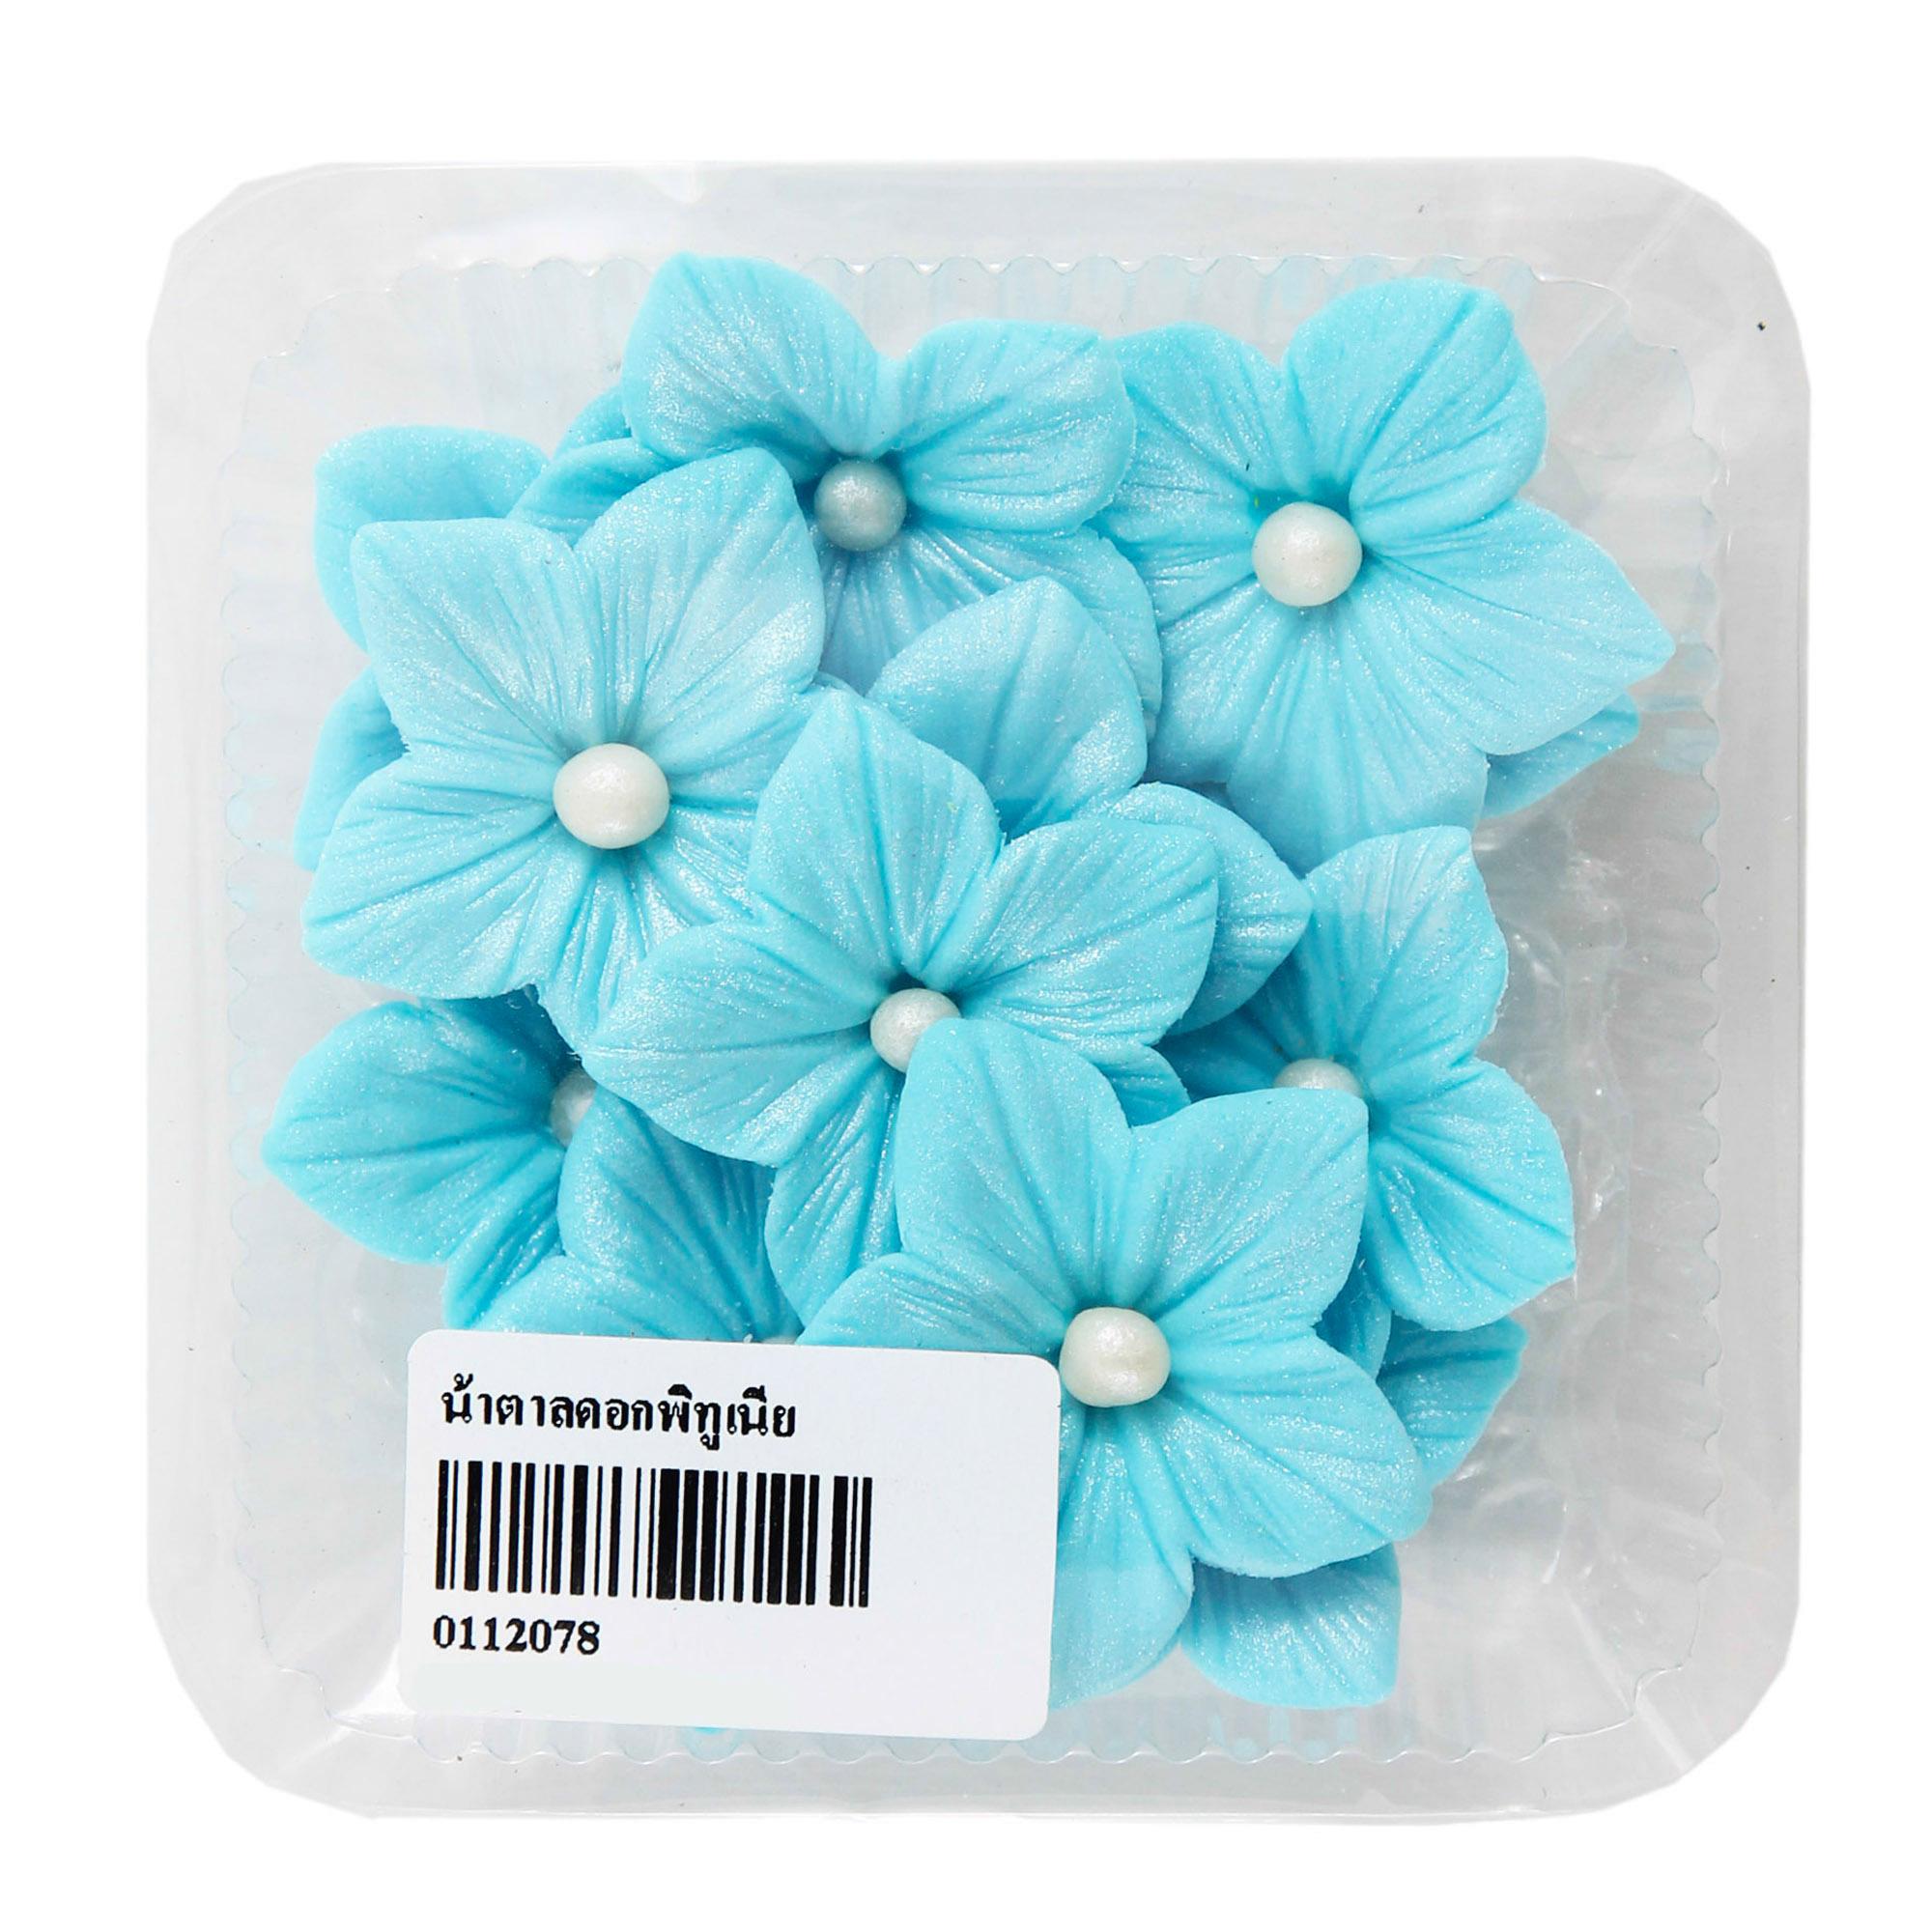 น้ำตาลรูปดอกพิทูเนีย สีฟ้า (น้ำตาลตกแต่งหน้าเค้ก)